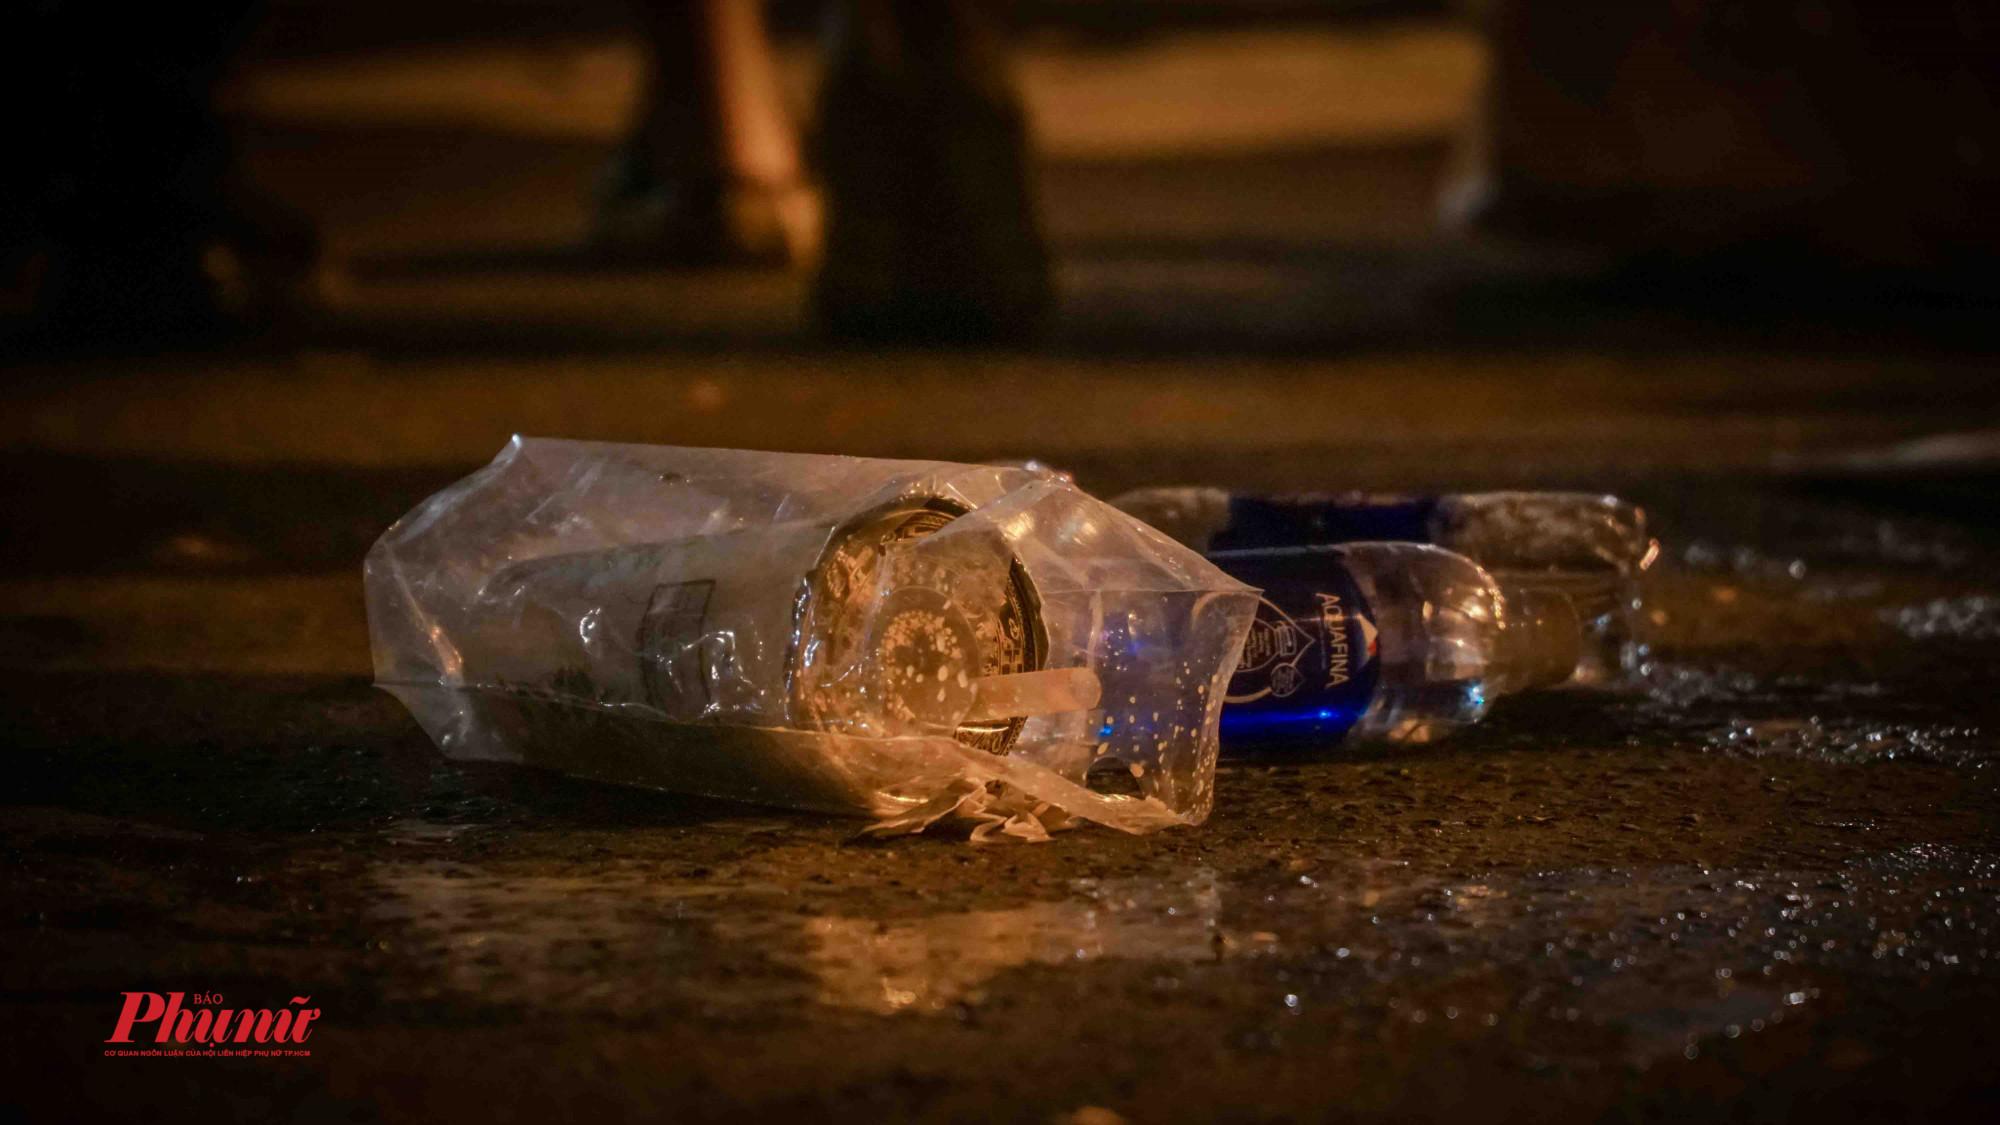 hàng nghìn mẫu chai nước được vứt bừa bãi